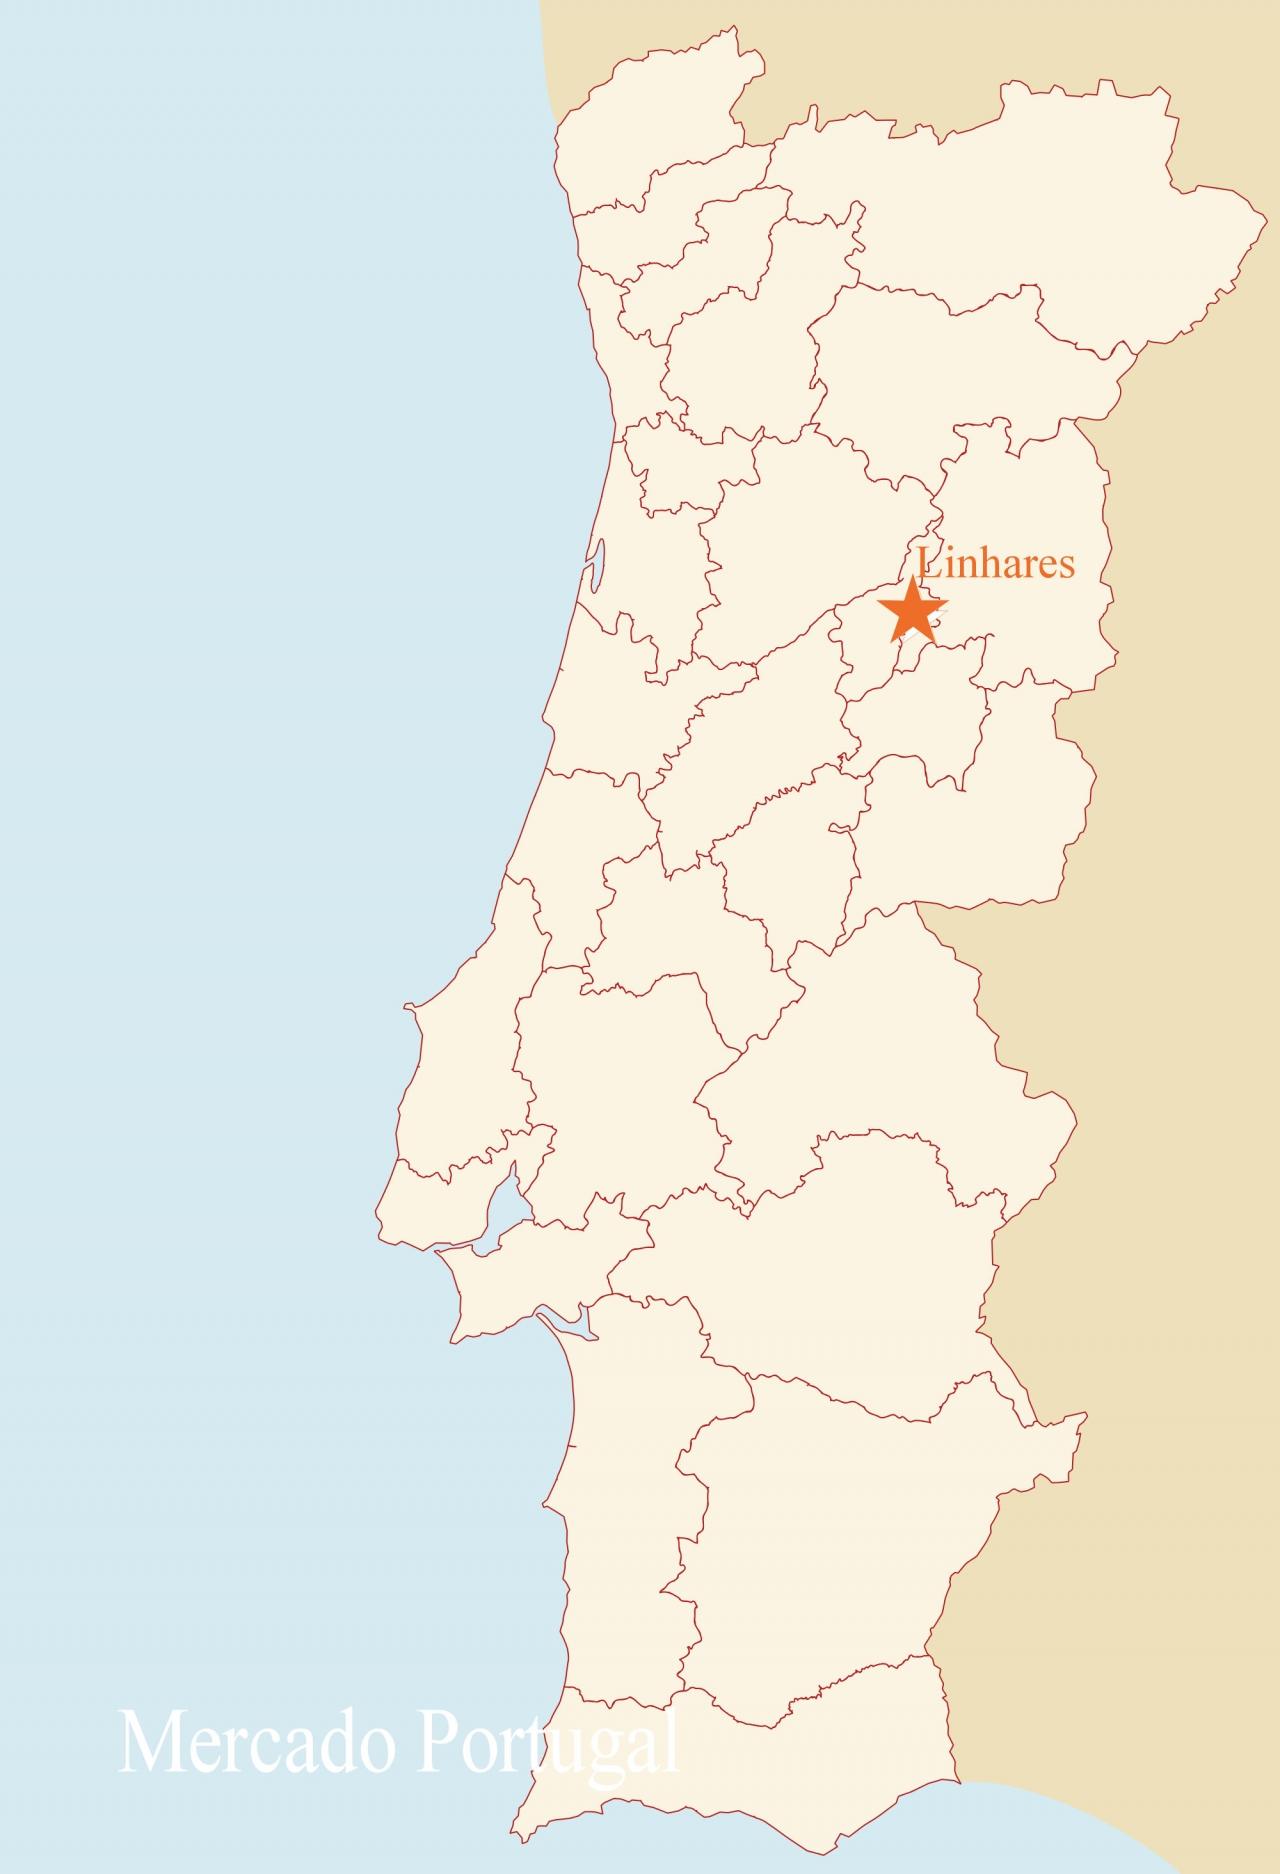 リスボンからは電車でCelorico da Beiraまで約4時間、そこから車で20分くらいです。